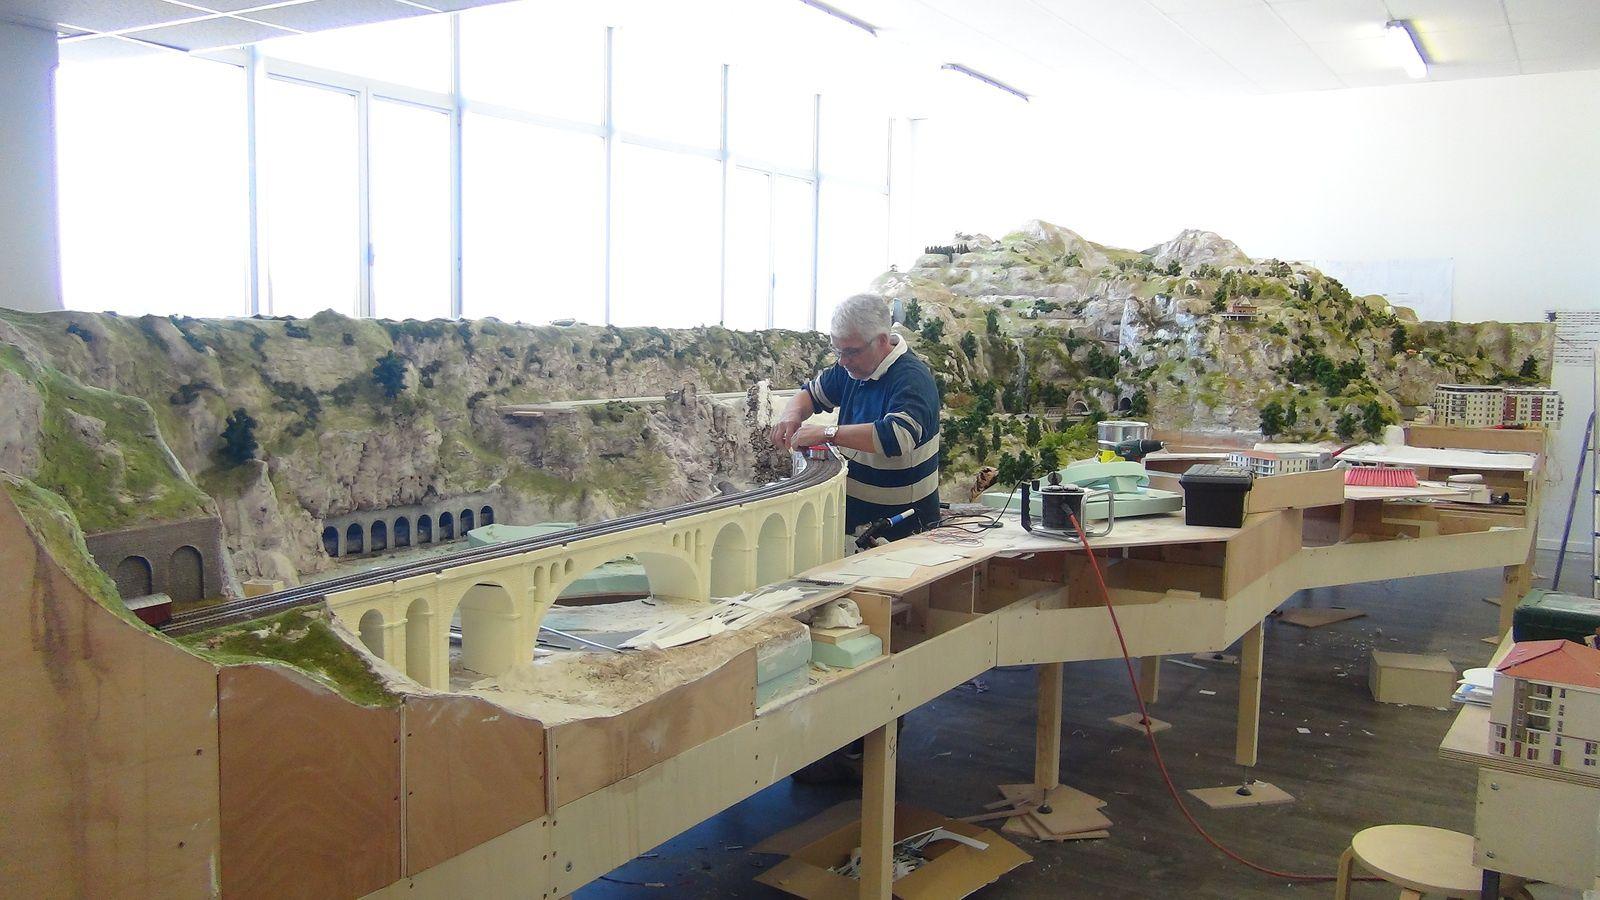 Vidéo de la construction, semaine du 14 au 18 Avril 2014 - Mini World Lyon